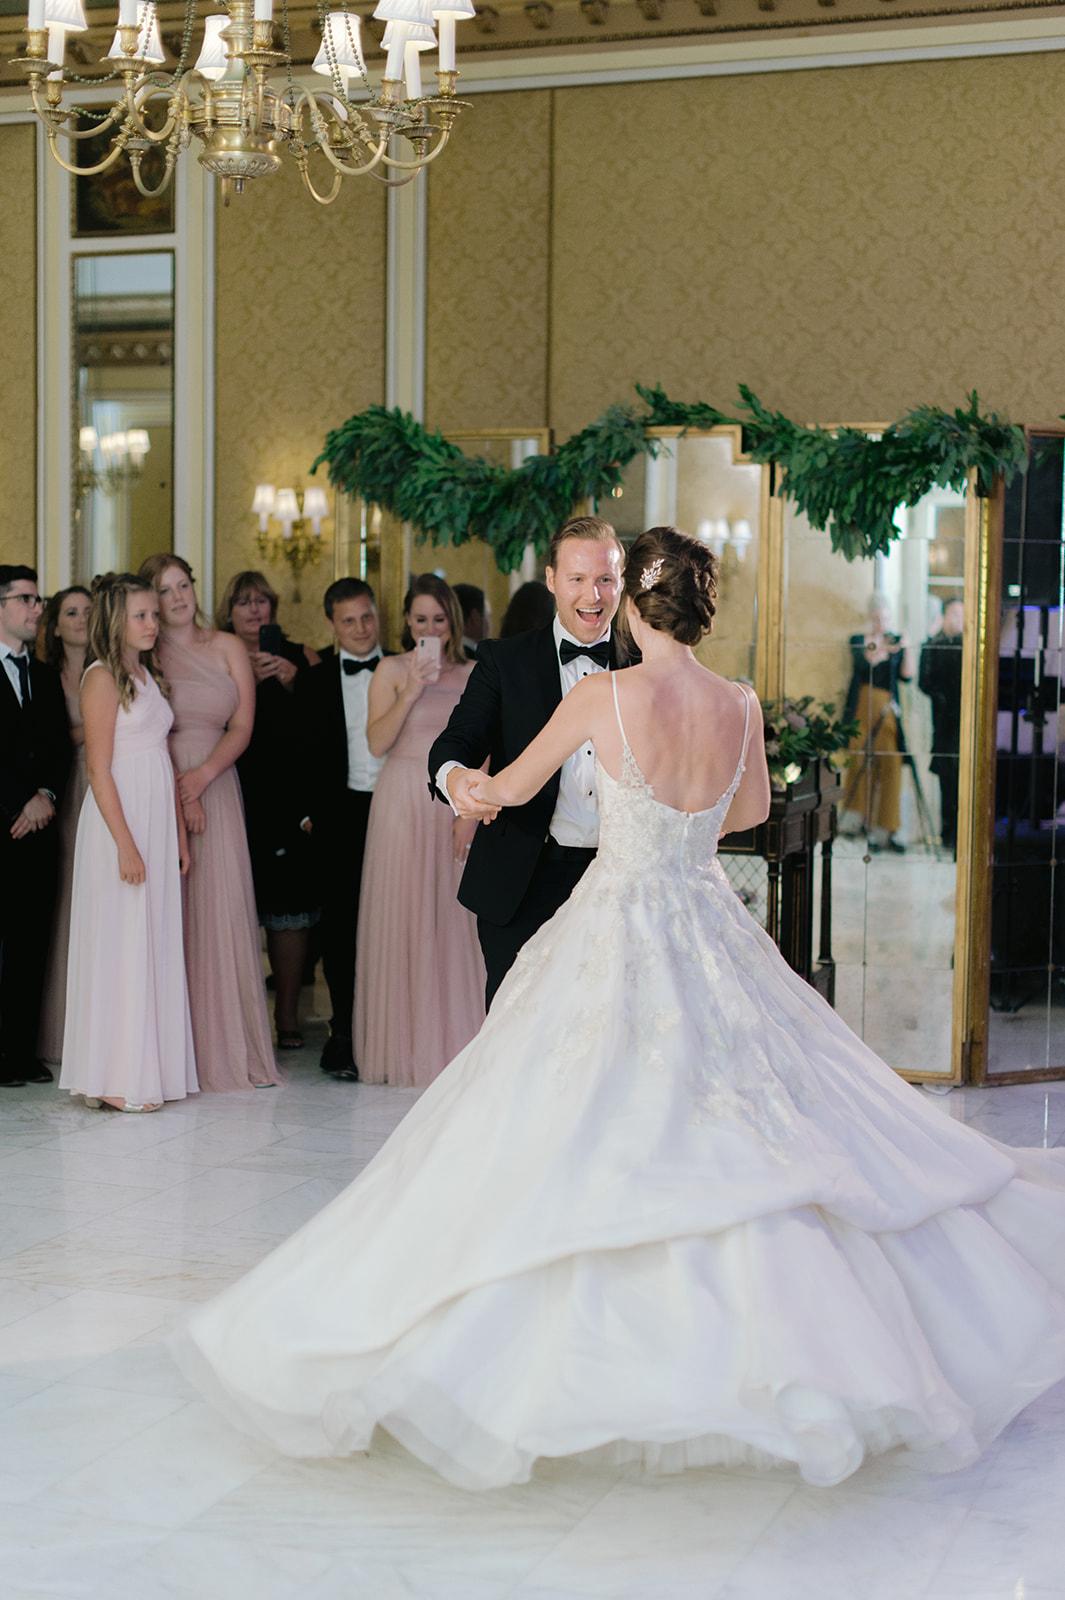 bride and groom dancing on the dance floor